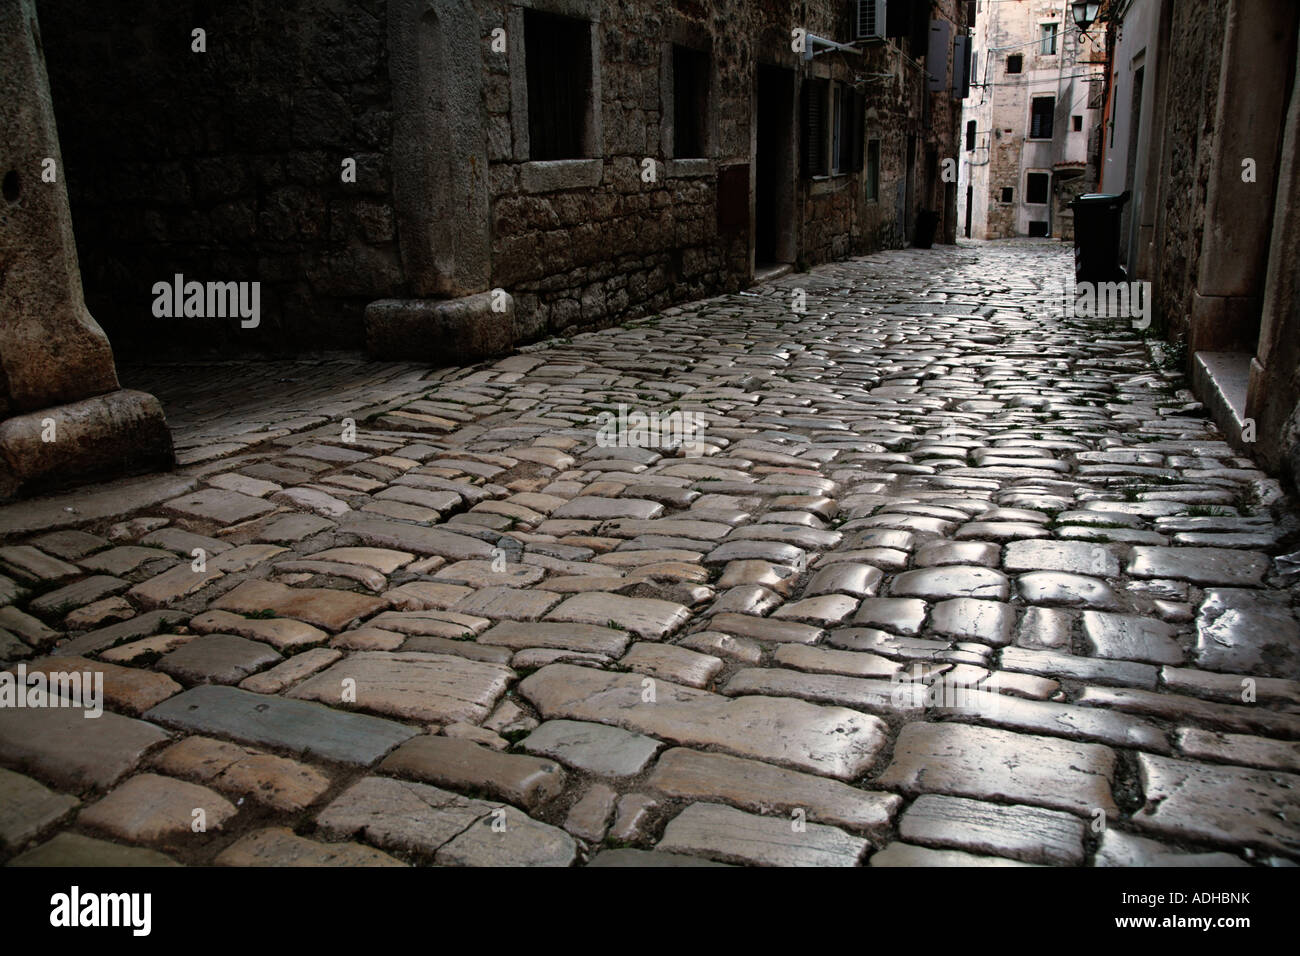 shiny-worn-cobble-stones-in-narrow-stree